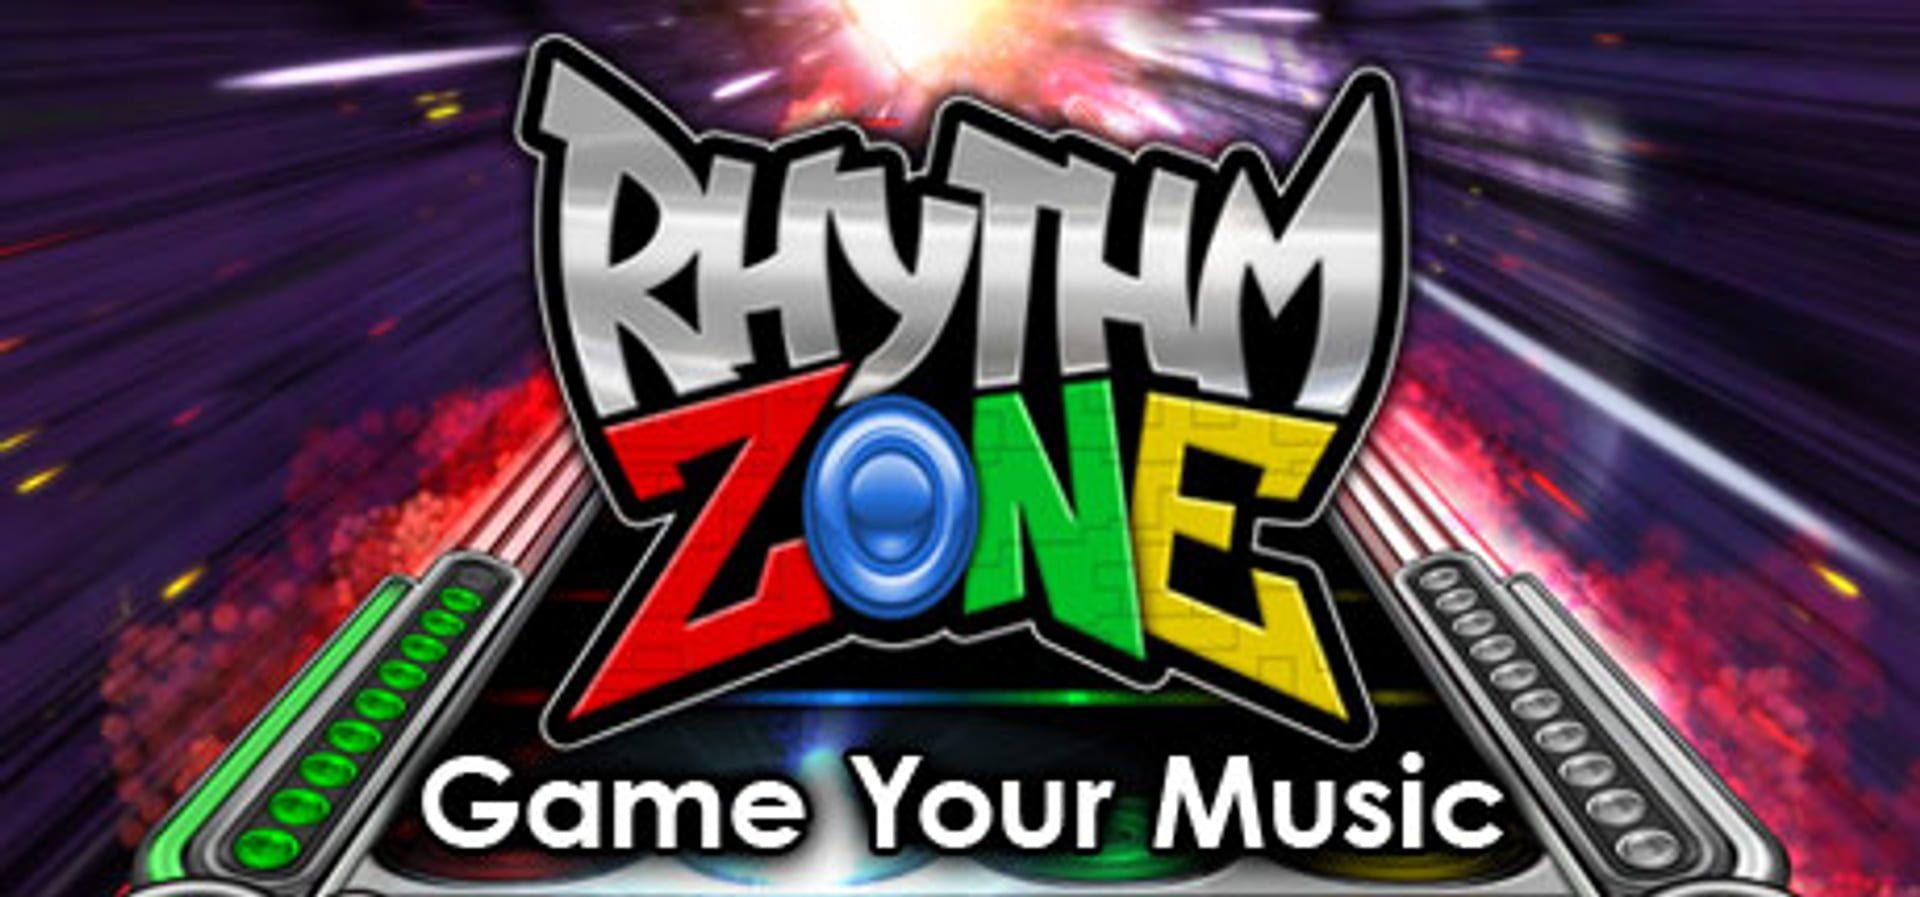 buy Rhythm Zone cd key for pc platform